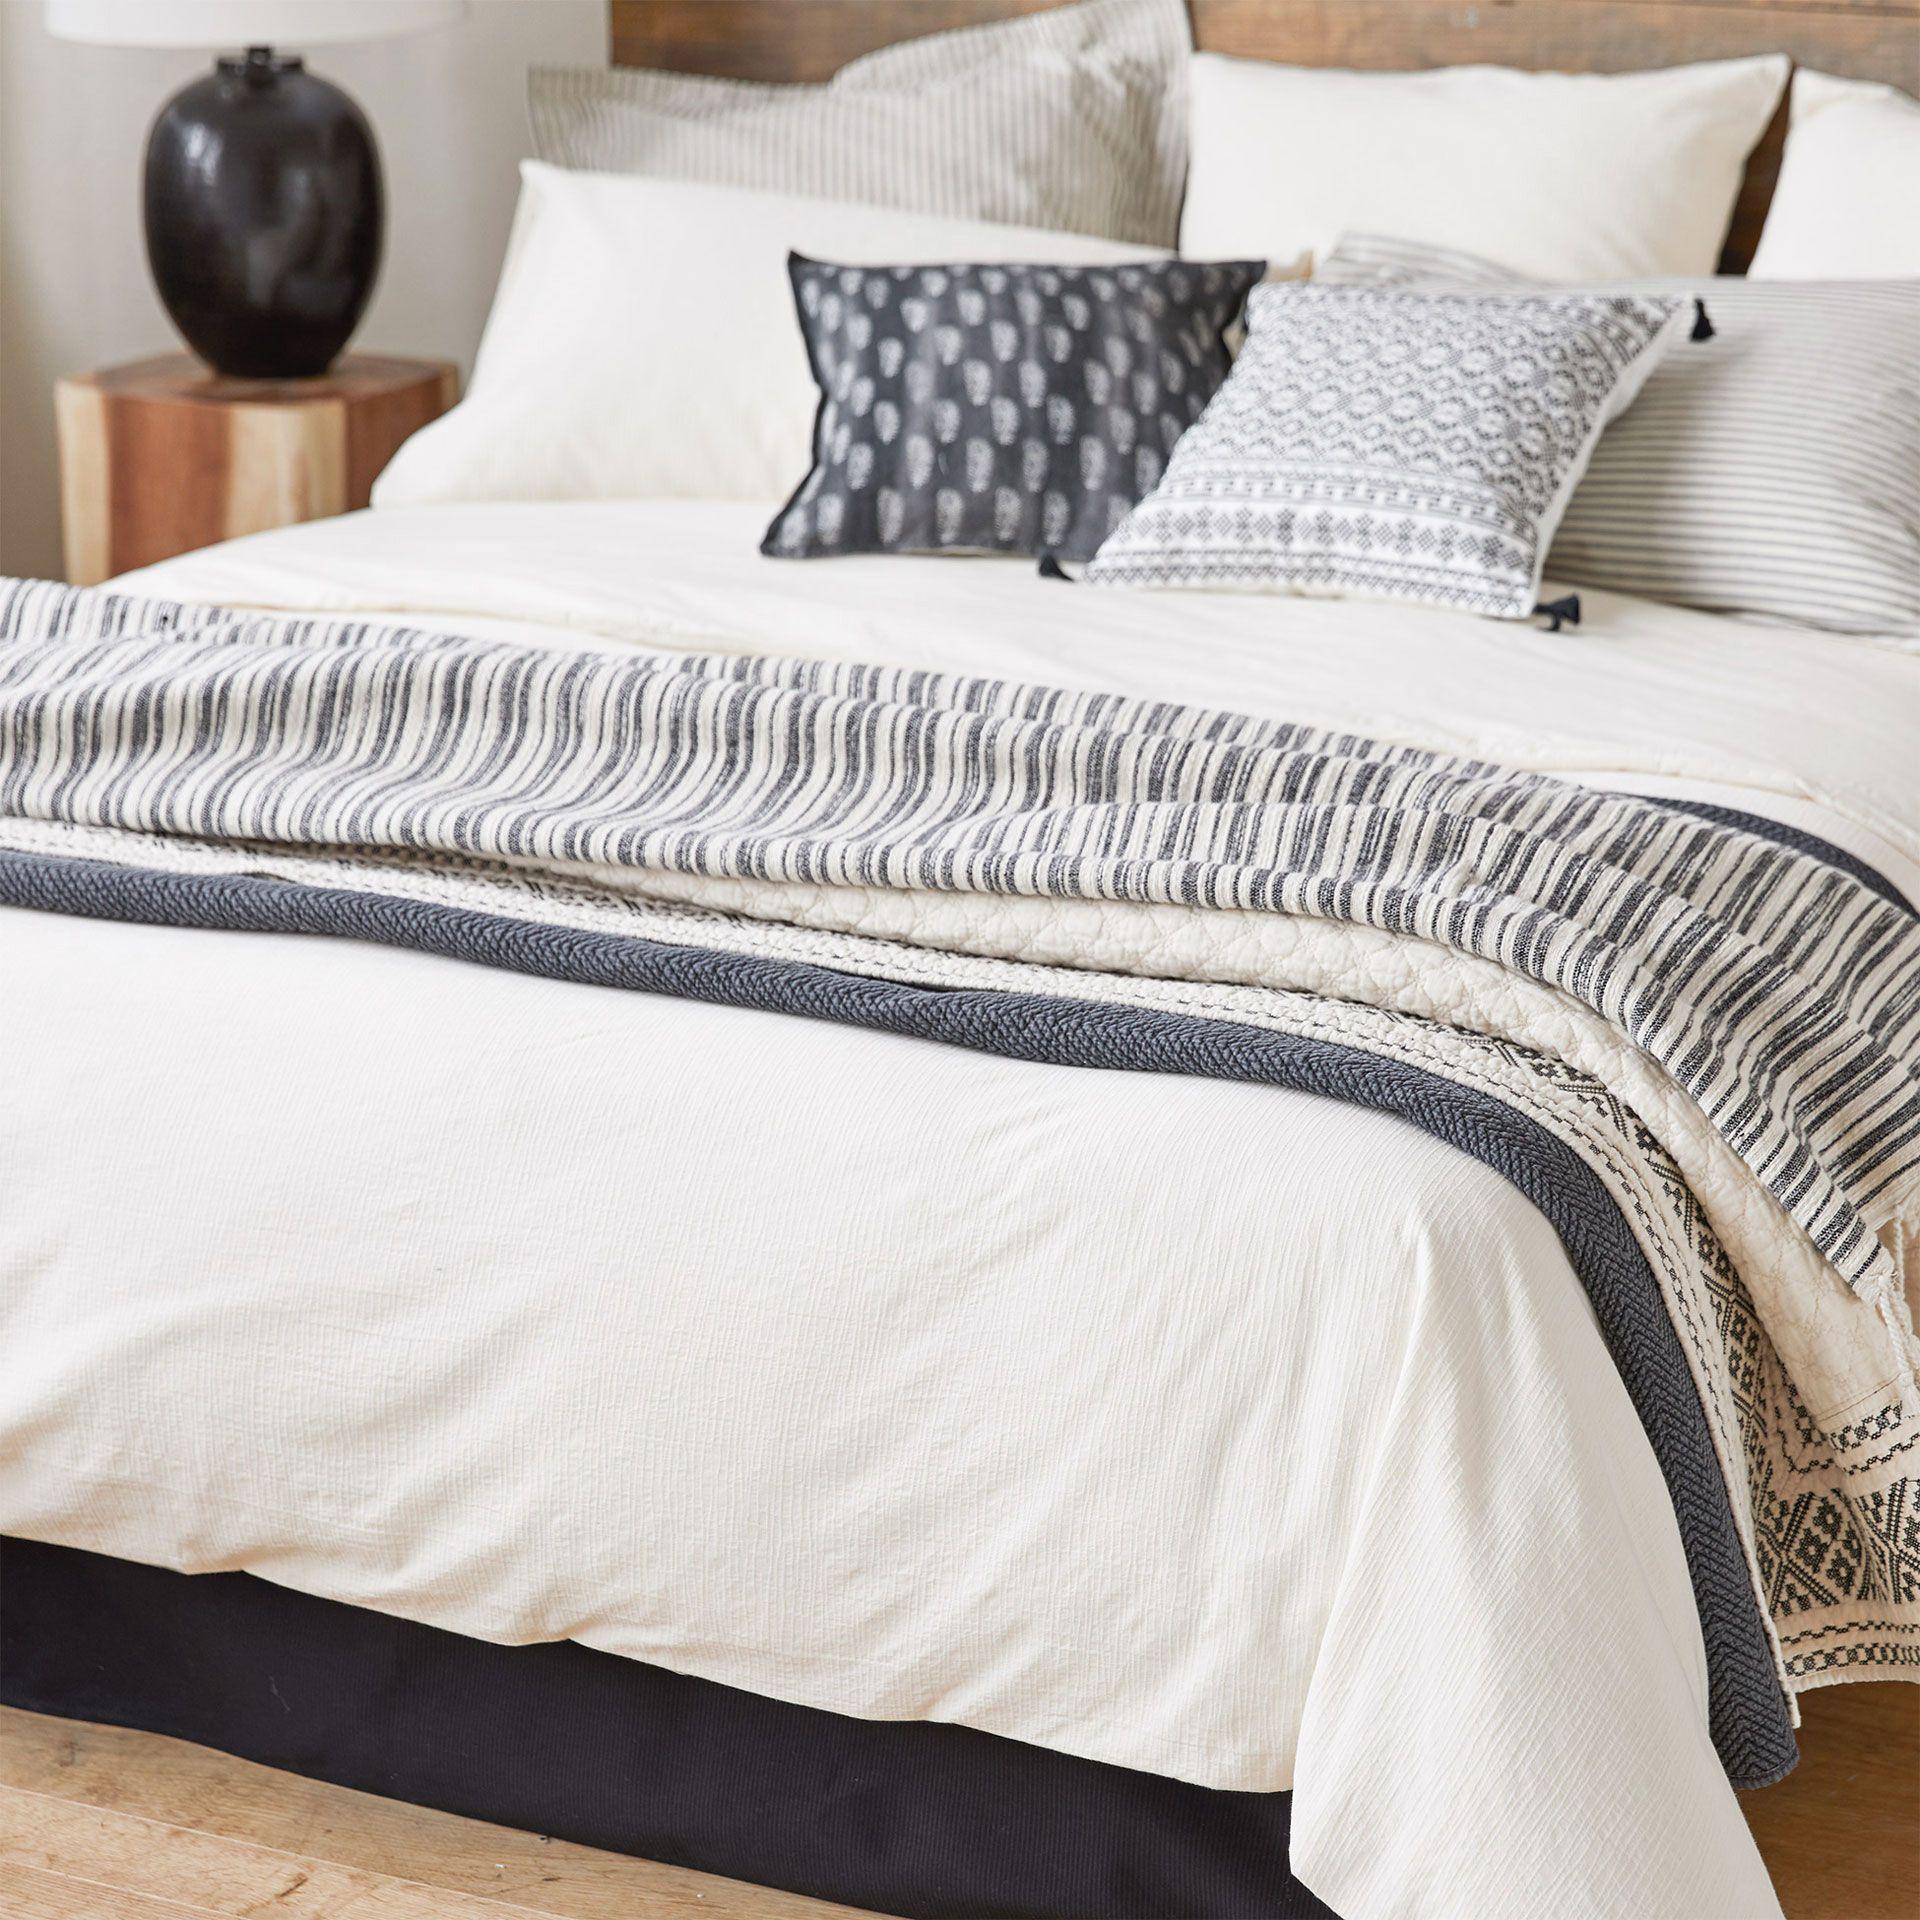 image du produit housse de couette coton percale texture id es pour la maison pinterest. Black Bedroom Furniture Sets. Home Design Ideas